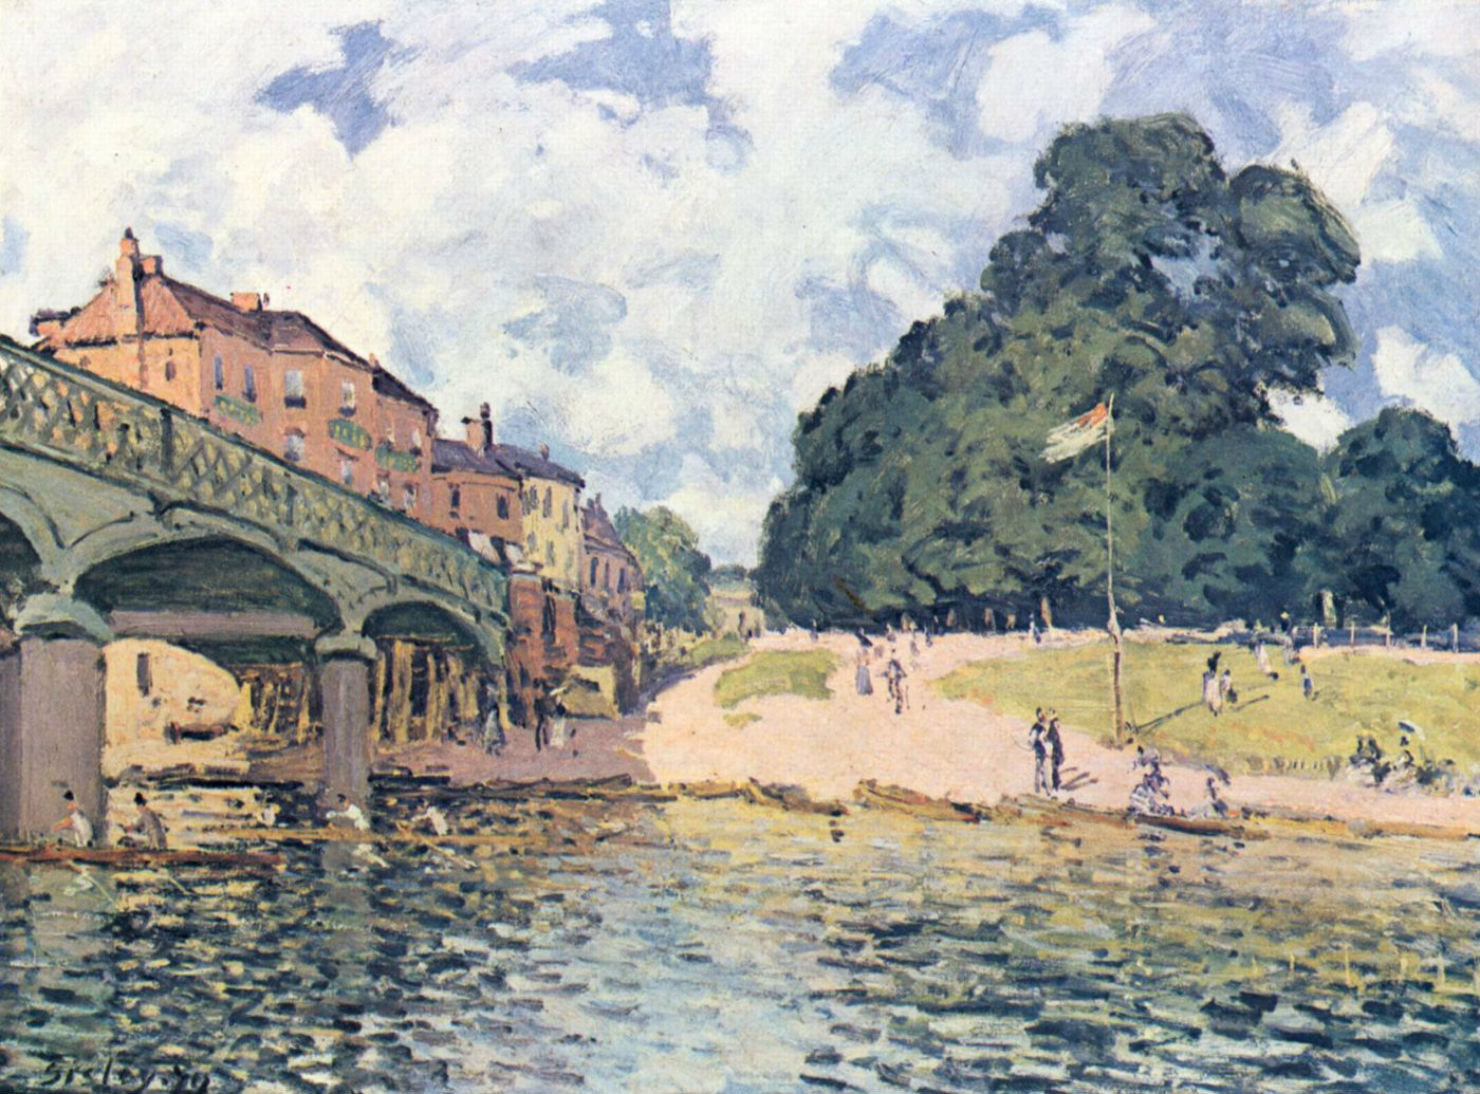 30-Мост в Хэмптон-Корте - 1874.jpg